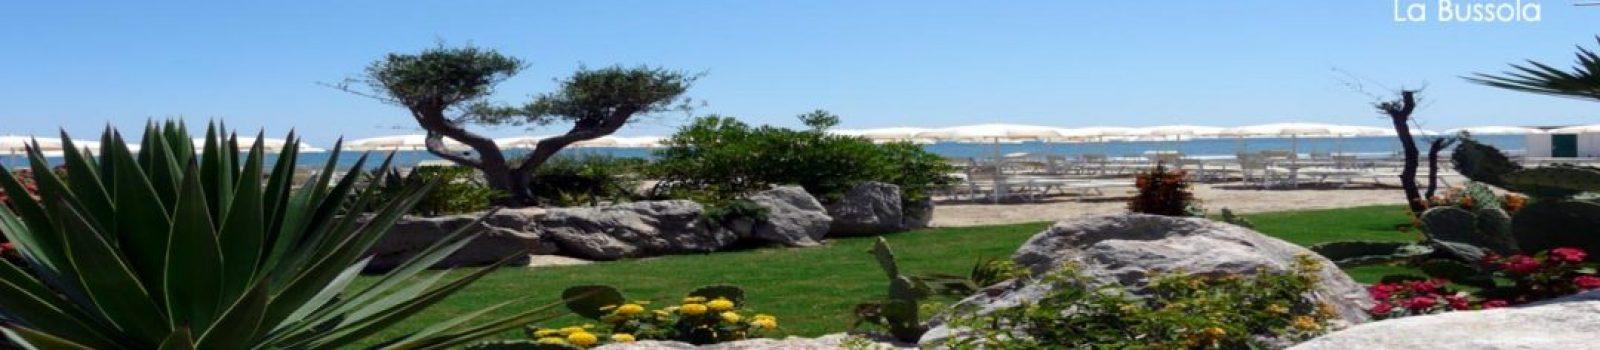 Spiaggia La Bussola Circeo